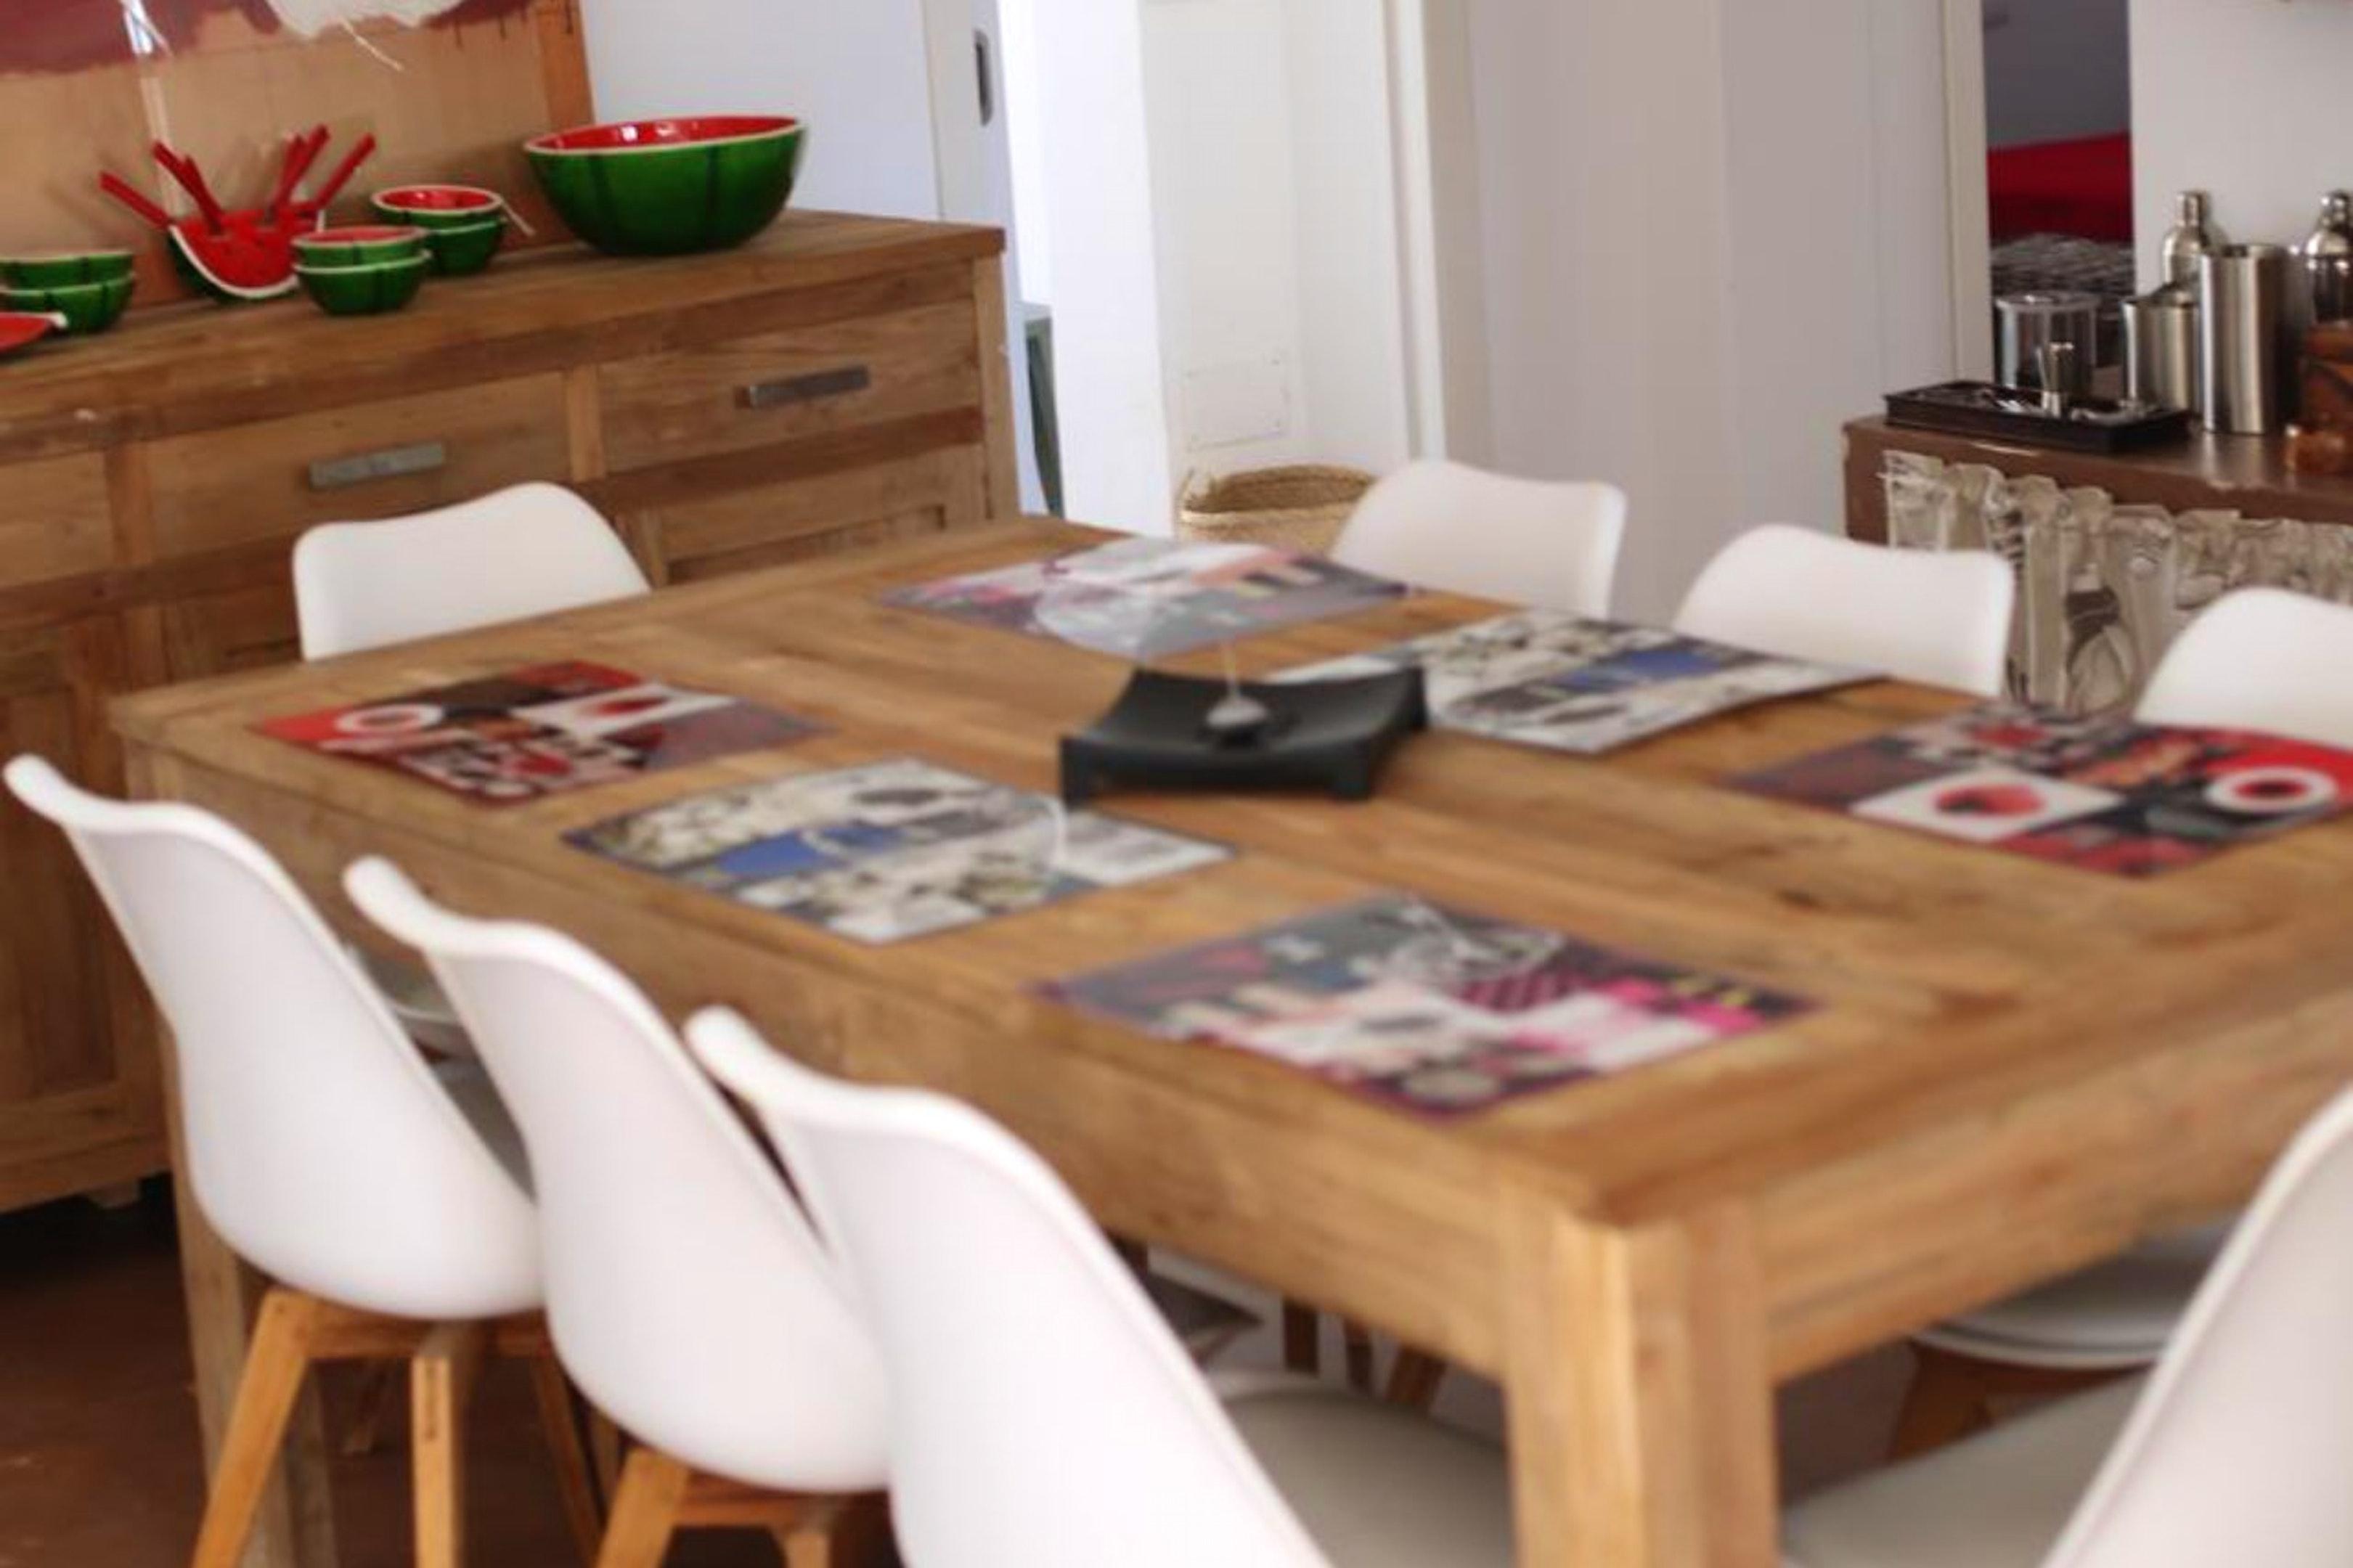 Maison de vacances Haus mit 4 Schlafzimmern in Sant Francesc Xavier mit Terrasse und W-LAN (2700592), San Francisco Javier, Formentera, Iles Baléares, Espagne, image 22